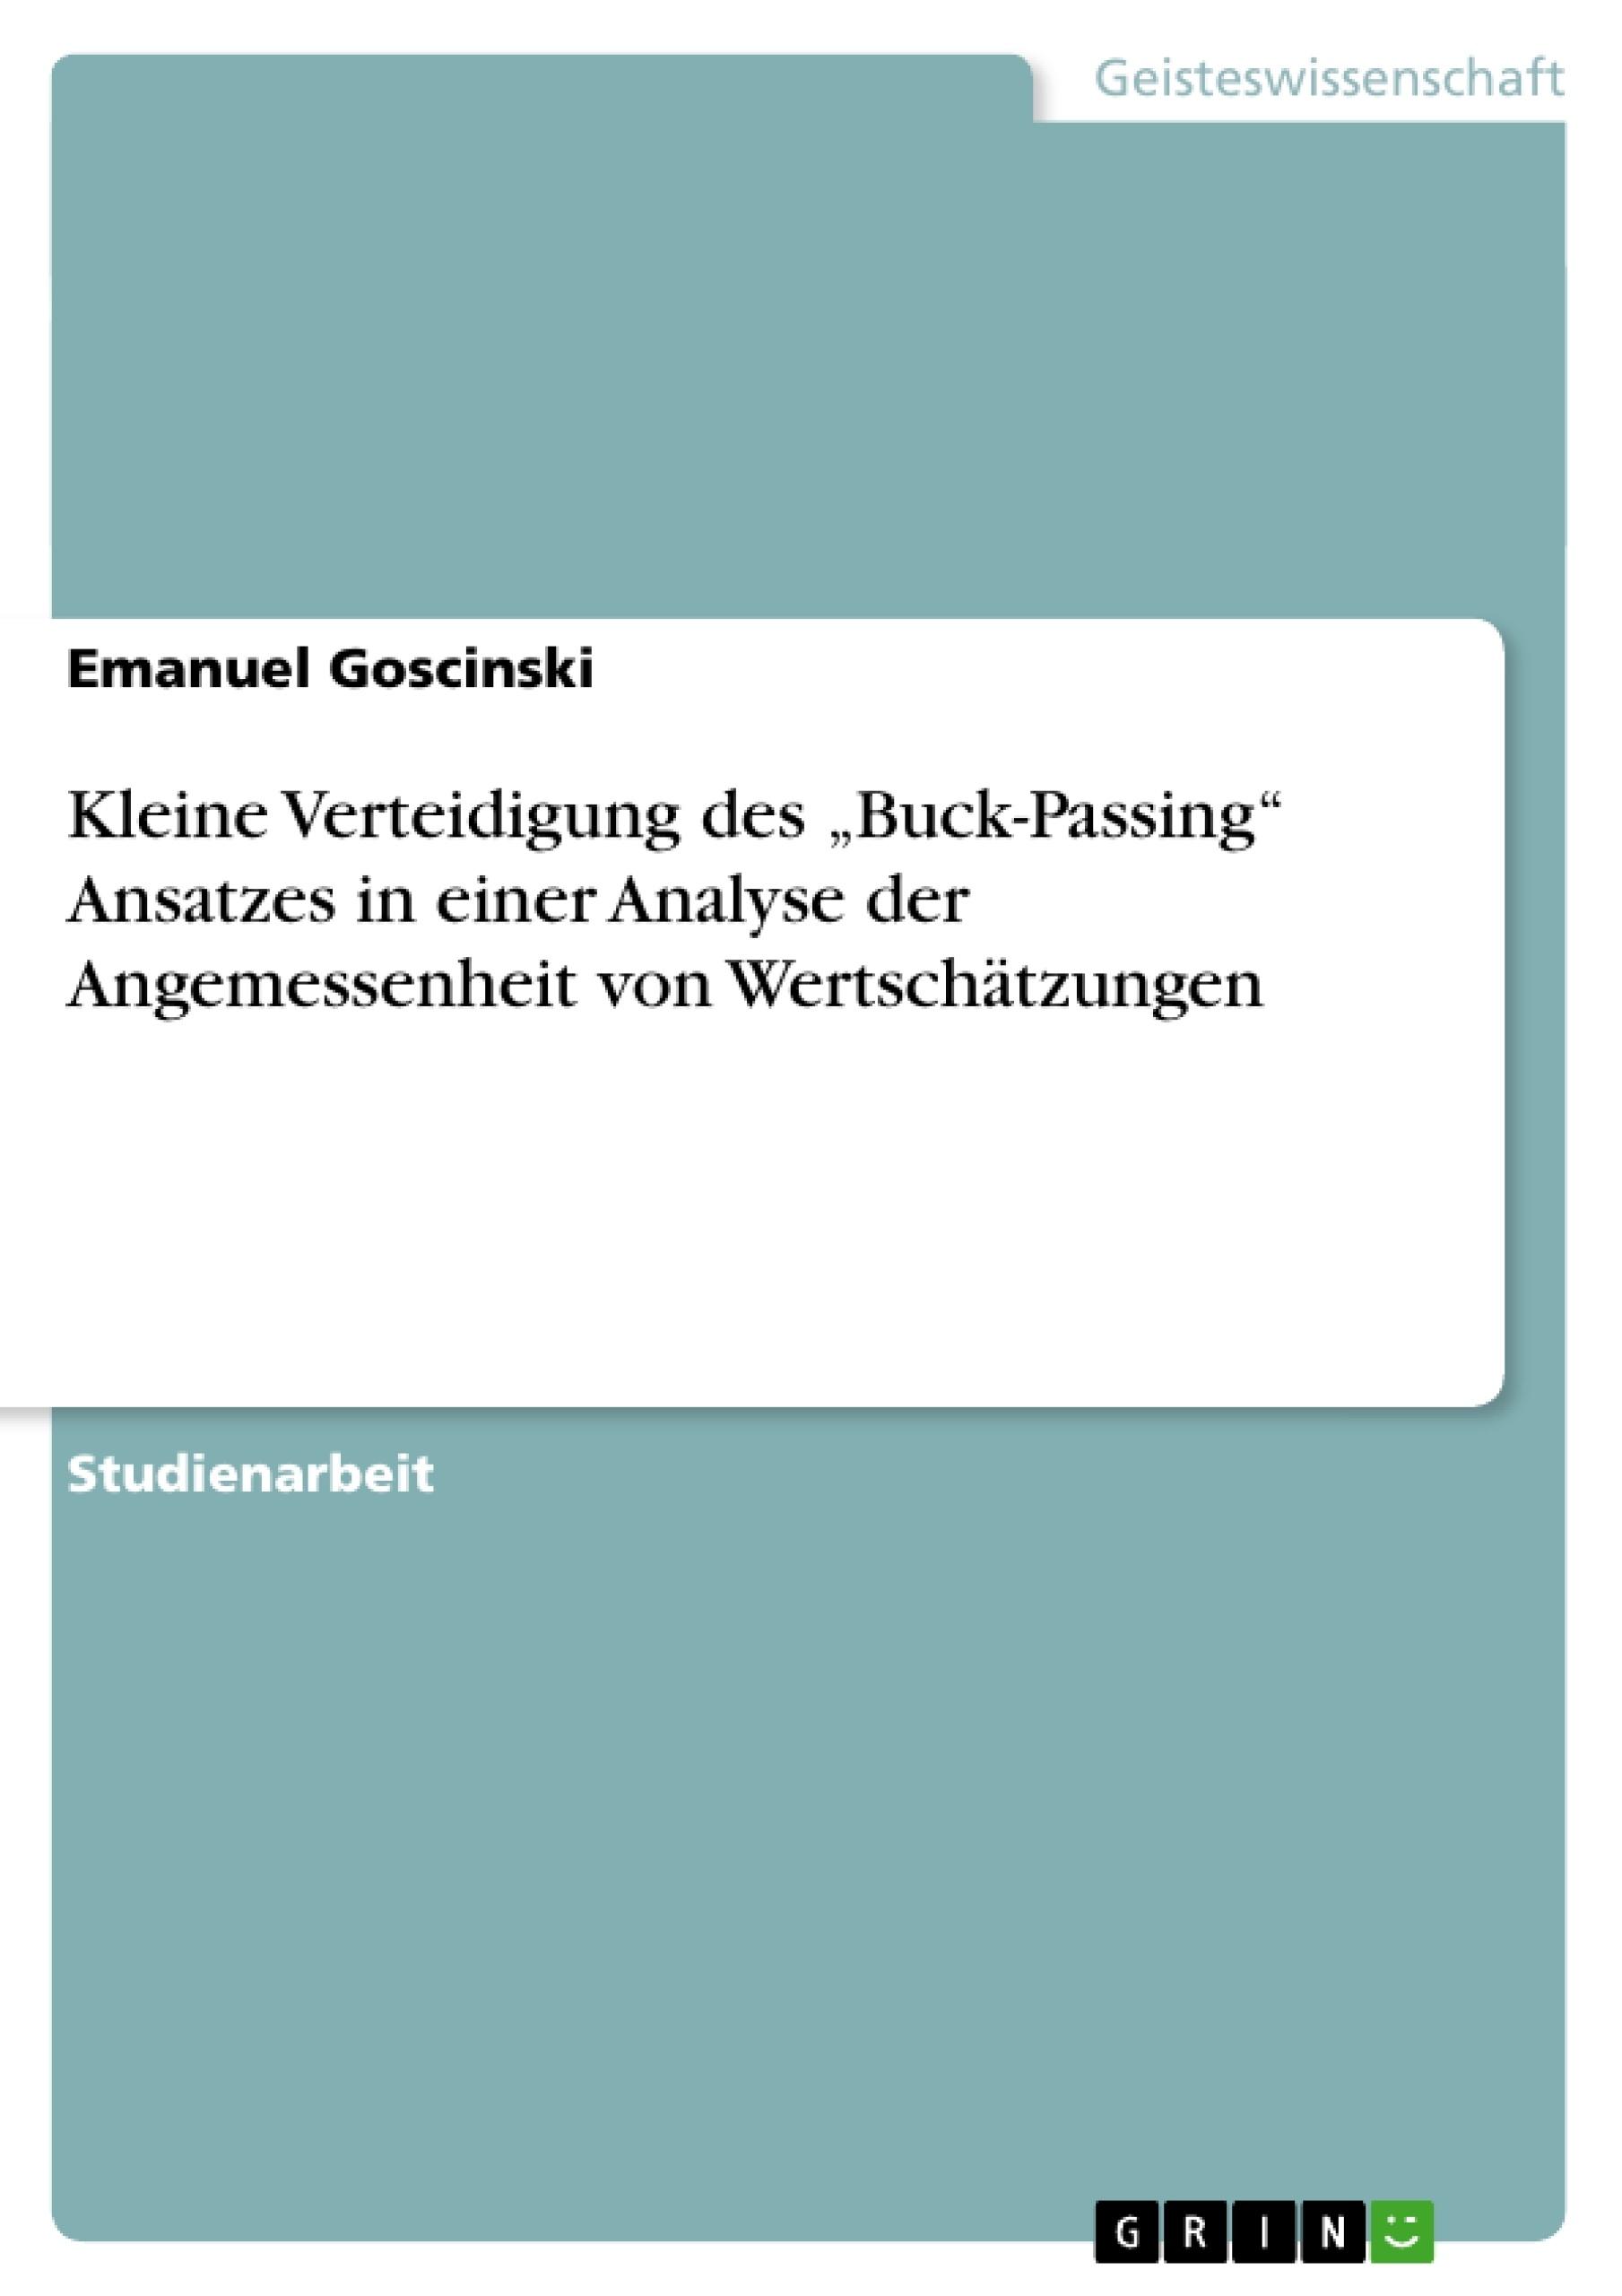 """Titel: Kleine Verteidigung des """"Buck-Passing"""" Ansatzes in einer Analyse der Angemessenheit von Wertschätzungen"""